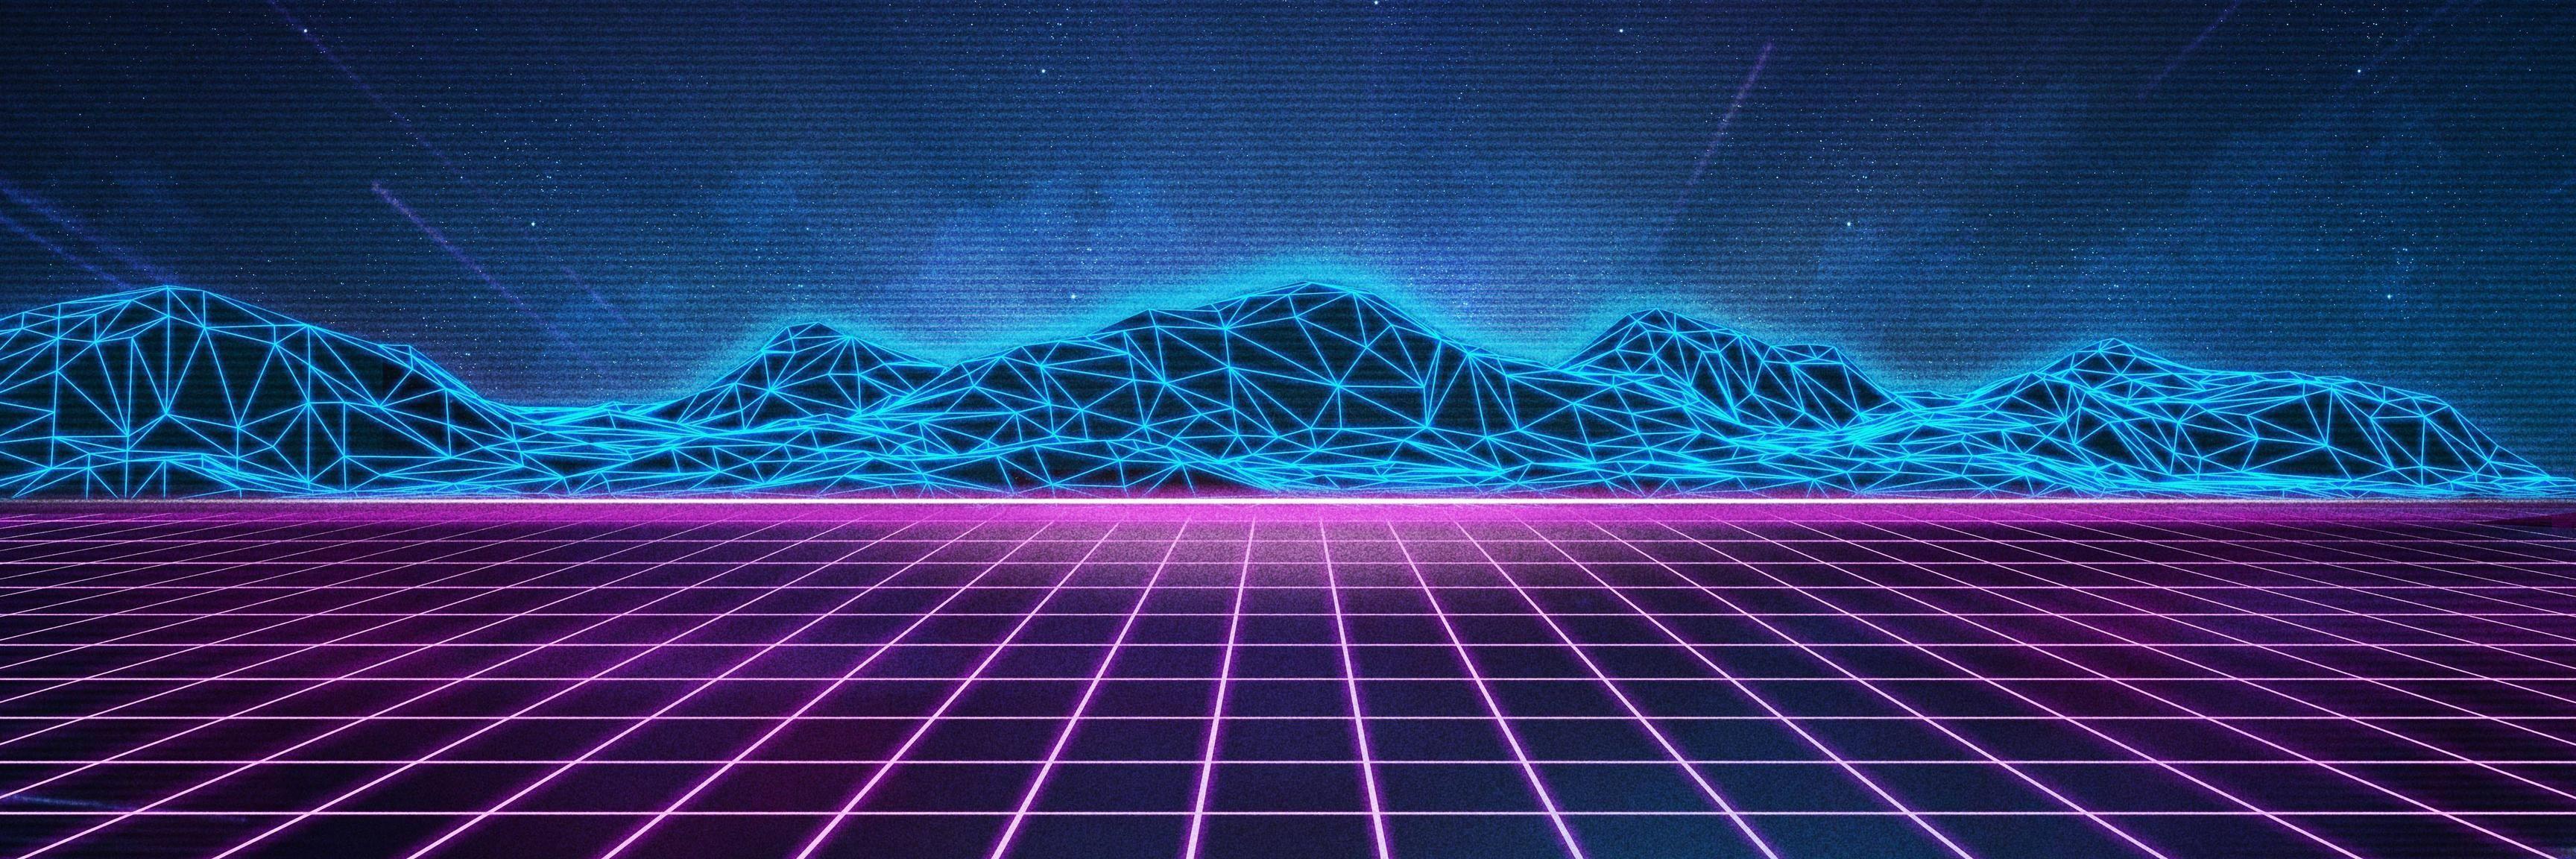 3456x1152 Gói hình nền 4K thập niên 80 vào năm 2019. Hình nền.  Hình nền, iPhone